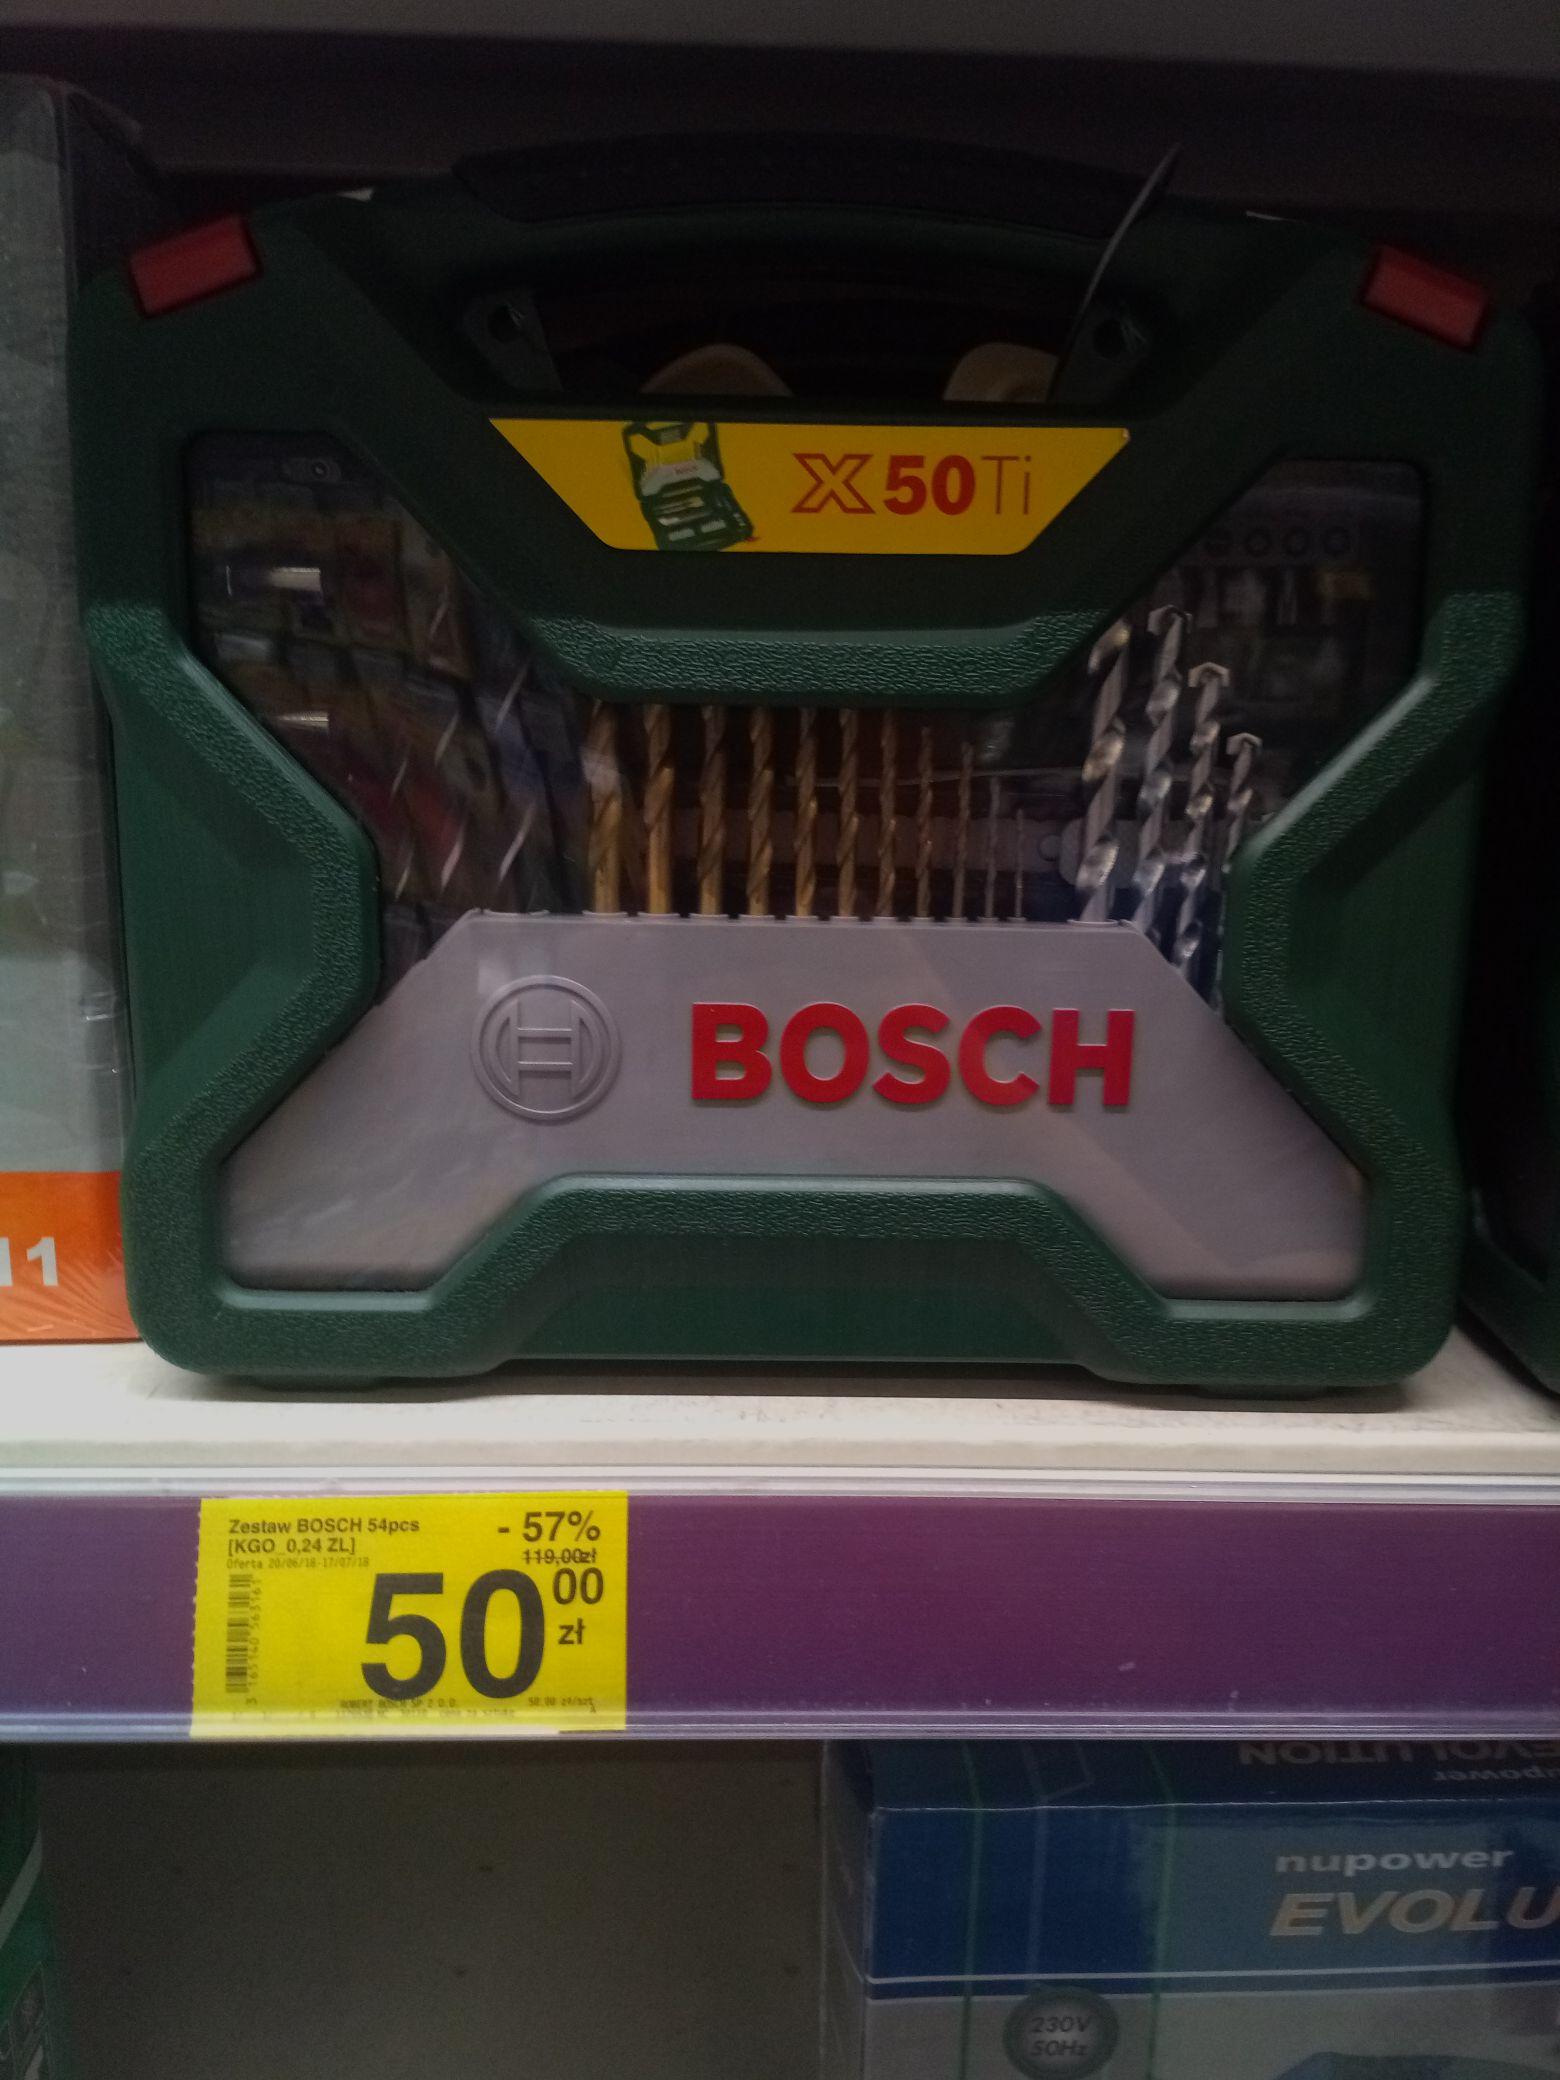 Zestaw Wiertła Bosch X50Ti 54sztuki wyprz. Carrefour